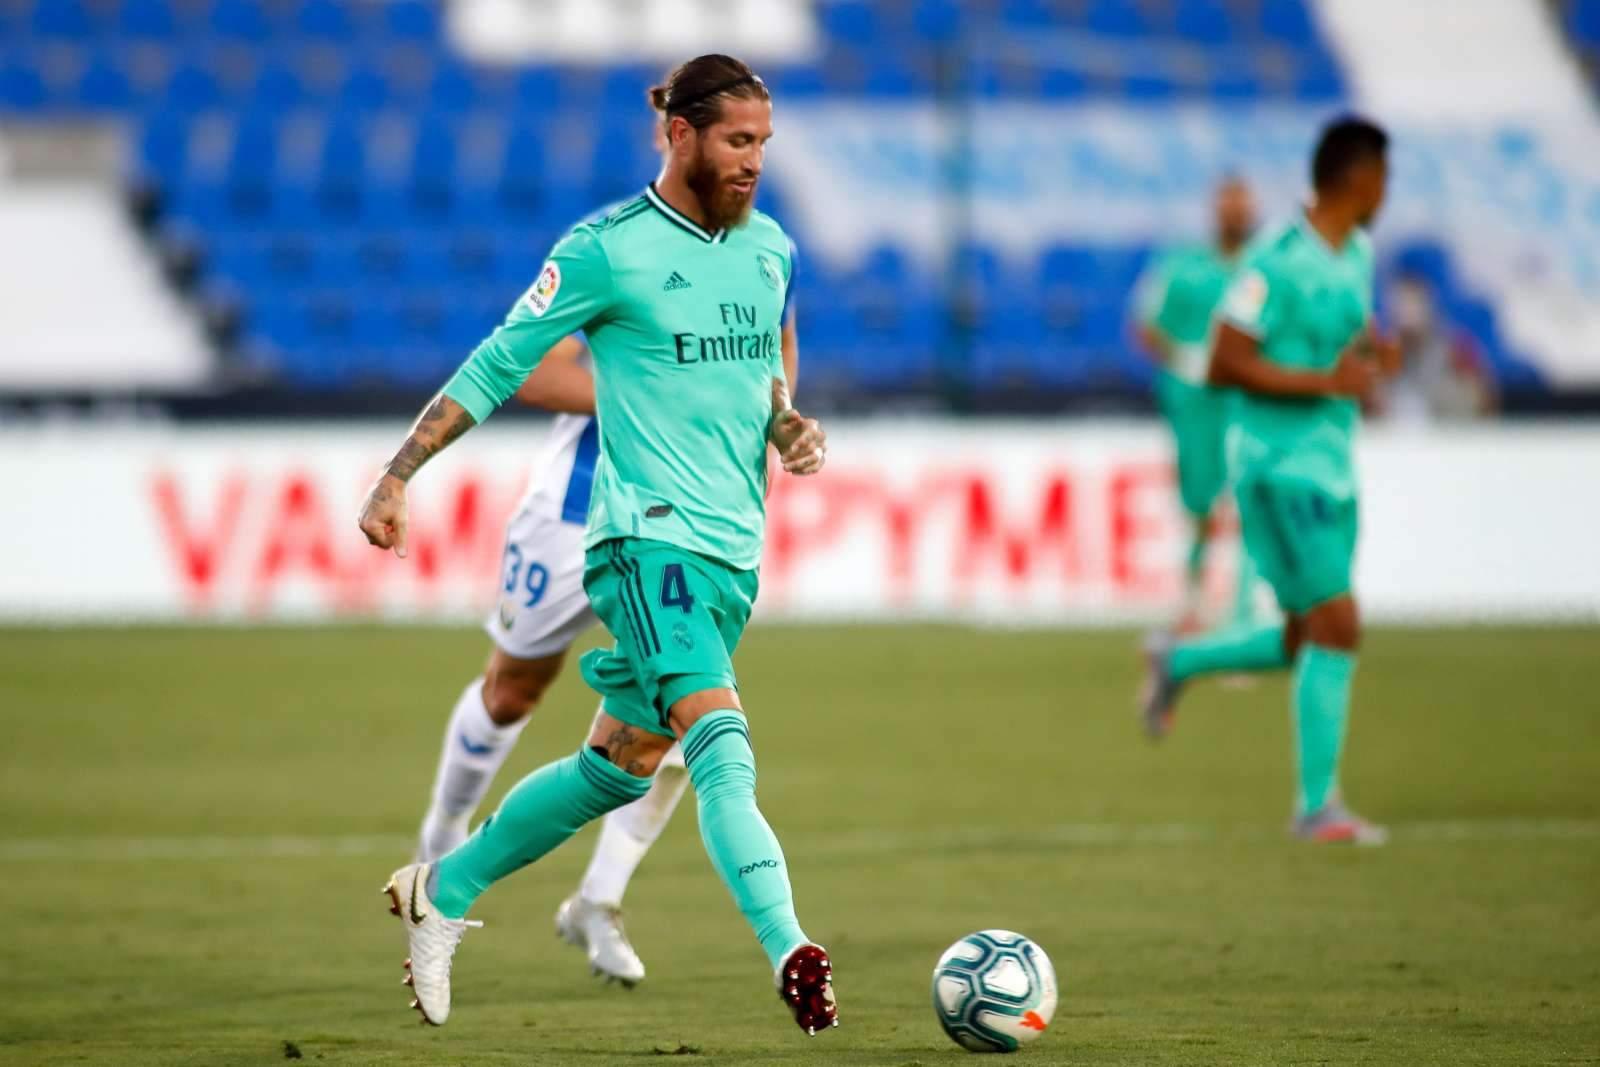 «Реал» предложил Рамосу два варианта контрактов – с сохранением и с понижением зарплаты